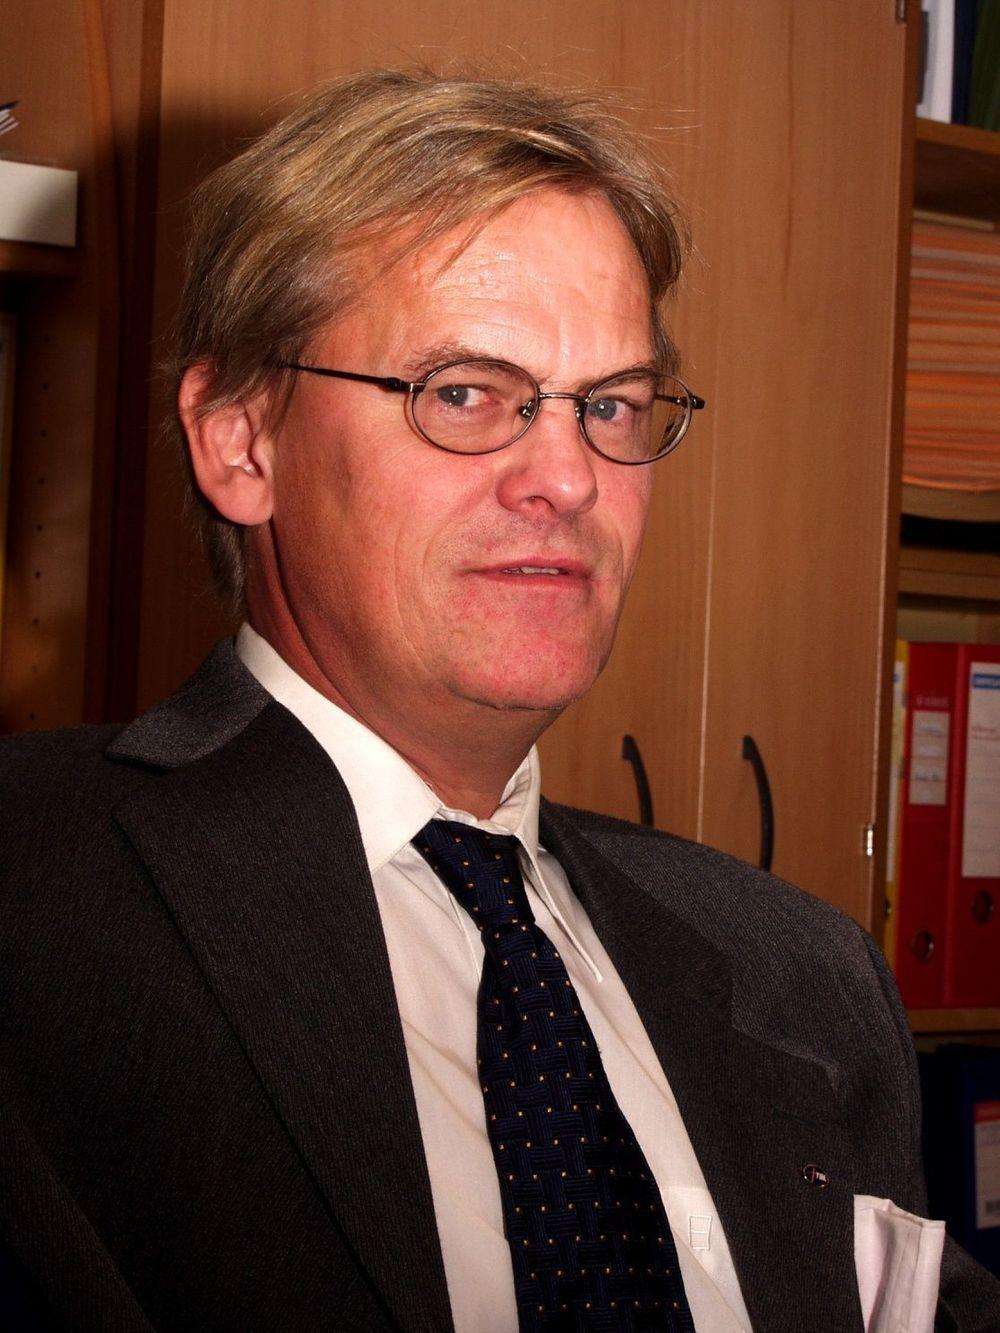 SINT: - Jeg frykter at månelandingsprosjektet på Mongstad ikke kommer norsk industri til gode i det hele tatt. Dette er å bruke statens midler for å konkurrere ut norsk industri og teknologi på eksportmarkedene. Men jeg gir ikke opp håpet om at utviklingen snus, sier Knut Aaneland i Norsk Industri.